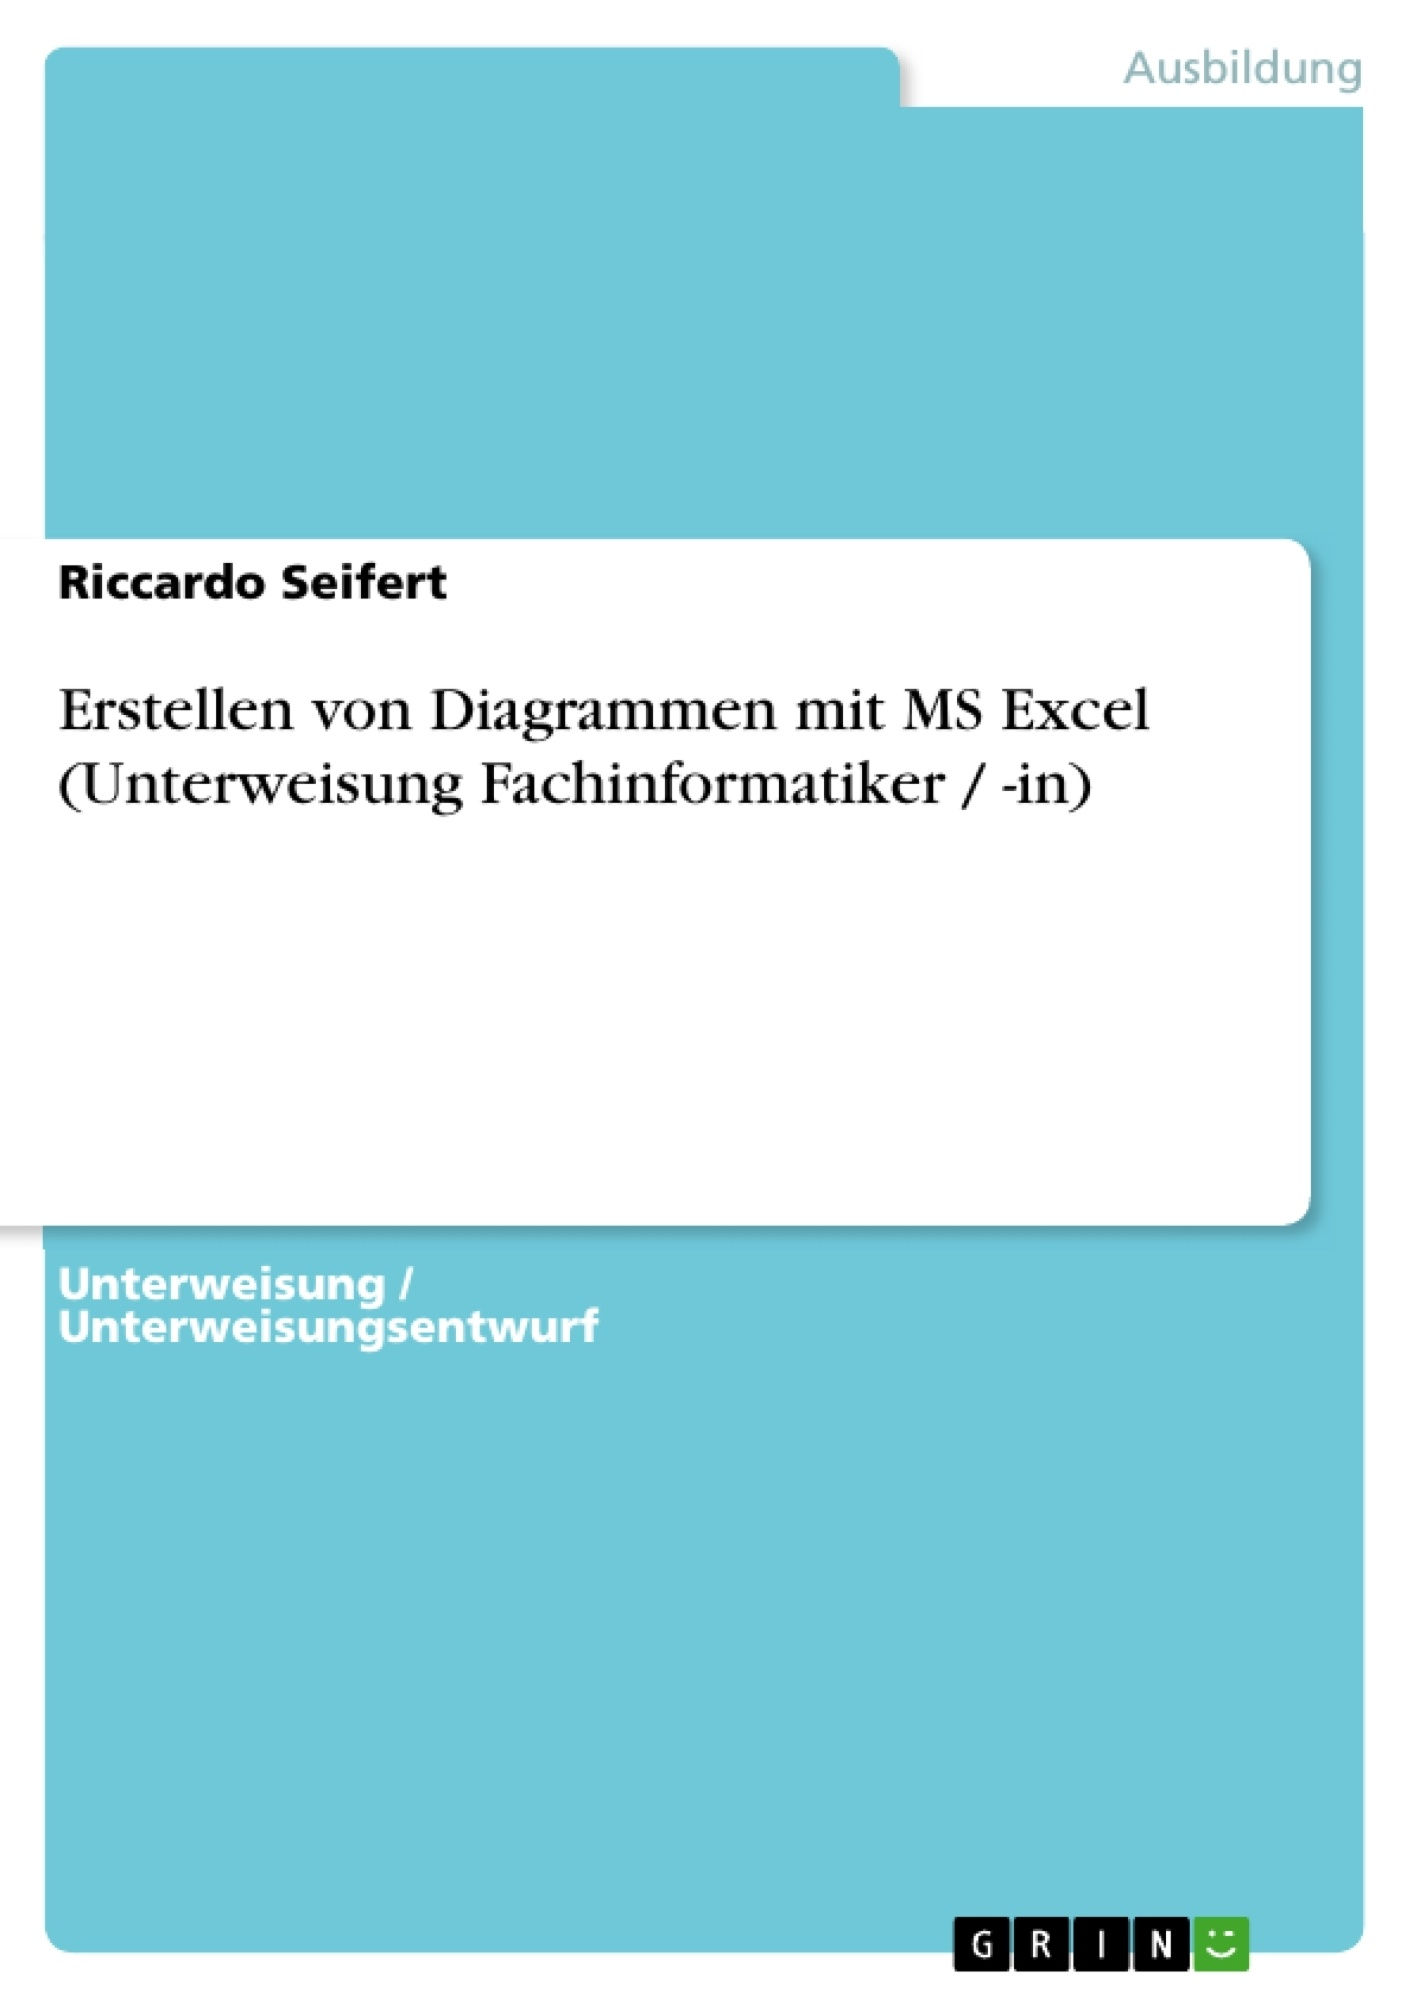 Titel: Erstellen von Diagrammen mit MS Excel (Unterweisung Fachinformatiker / -in)